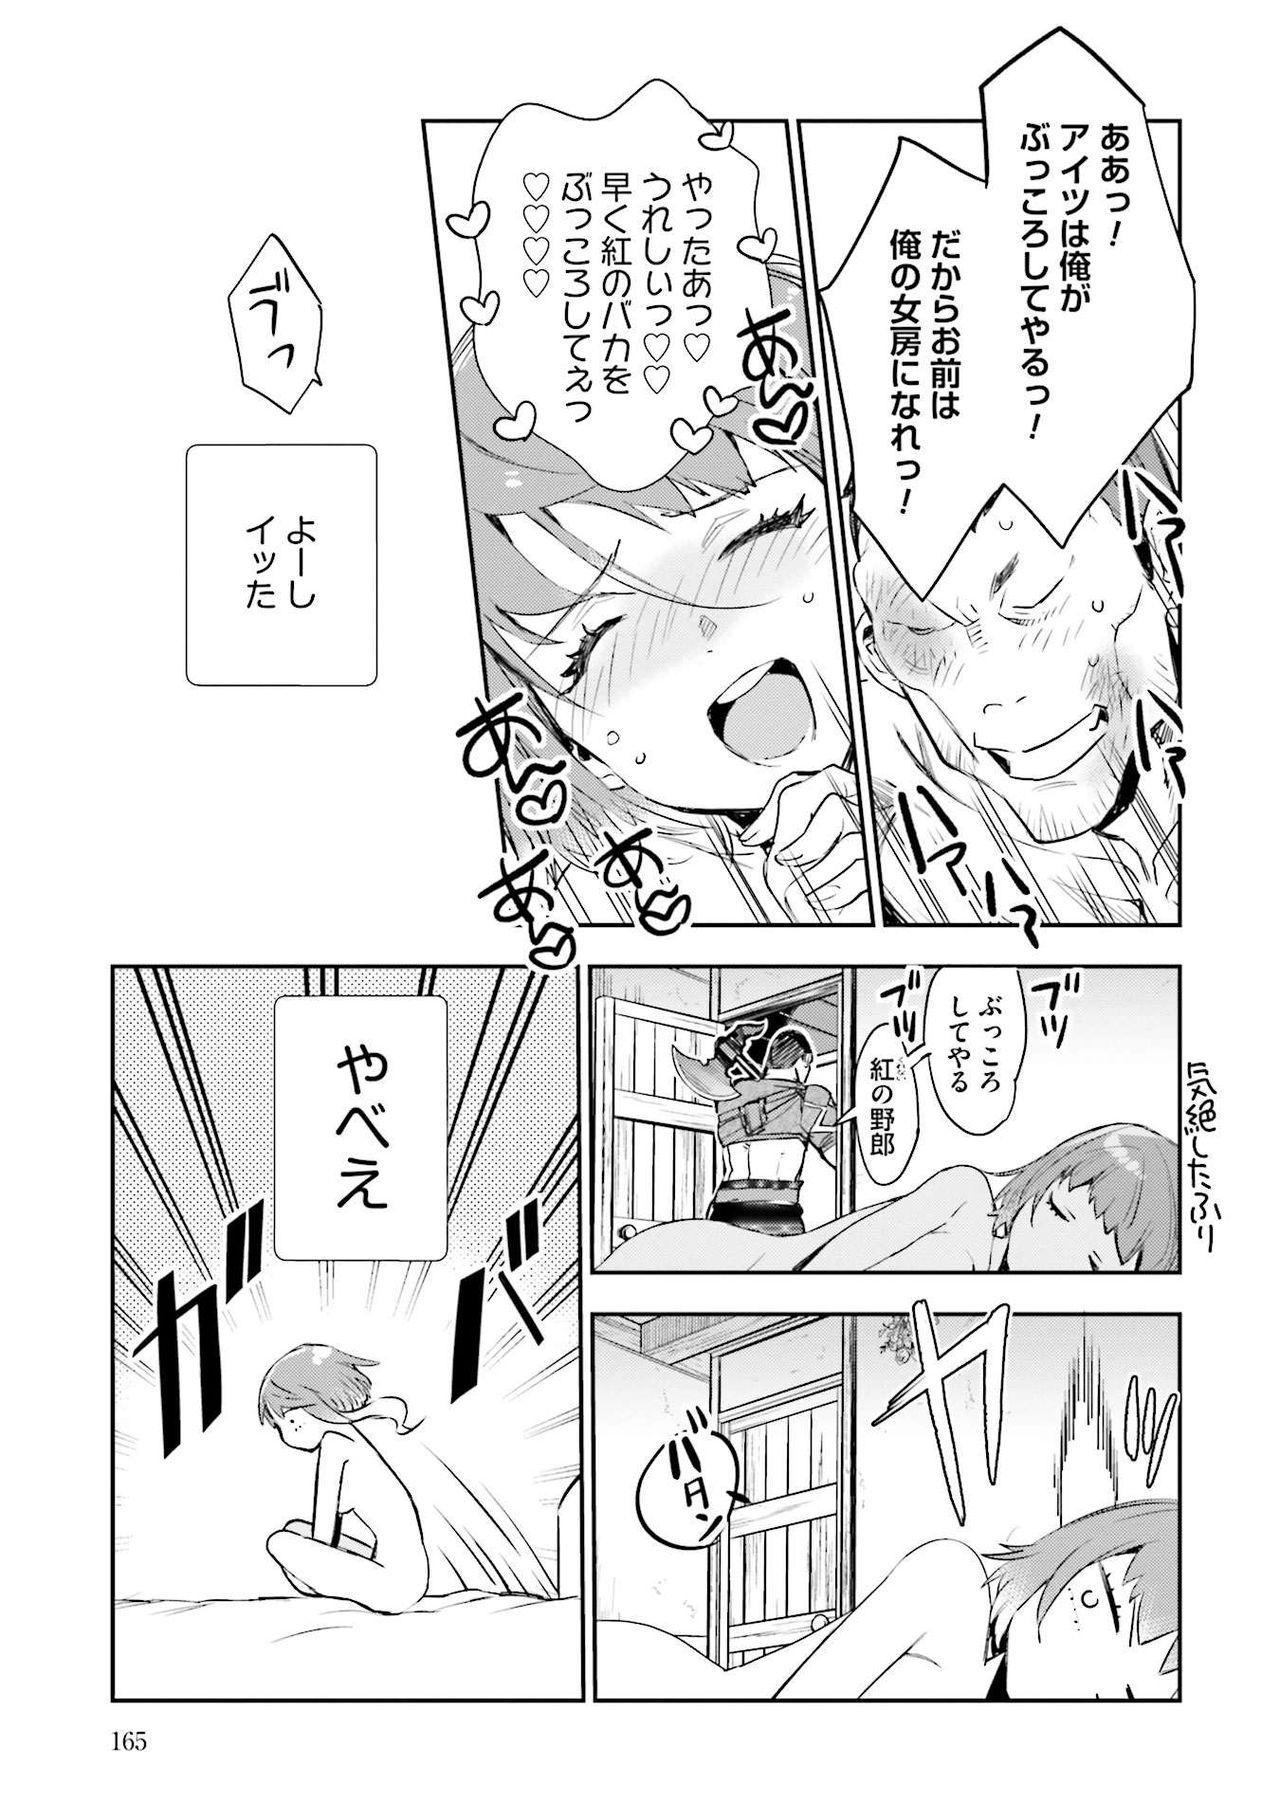 JK Haru wa Isekai de Shoufu ni Natta 1-14 166